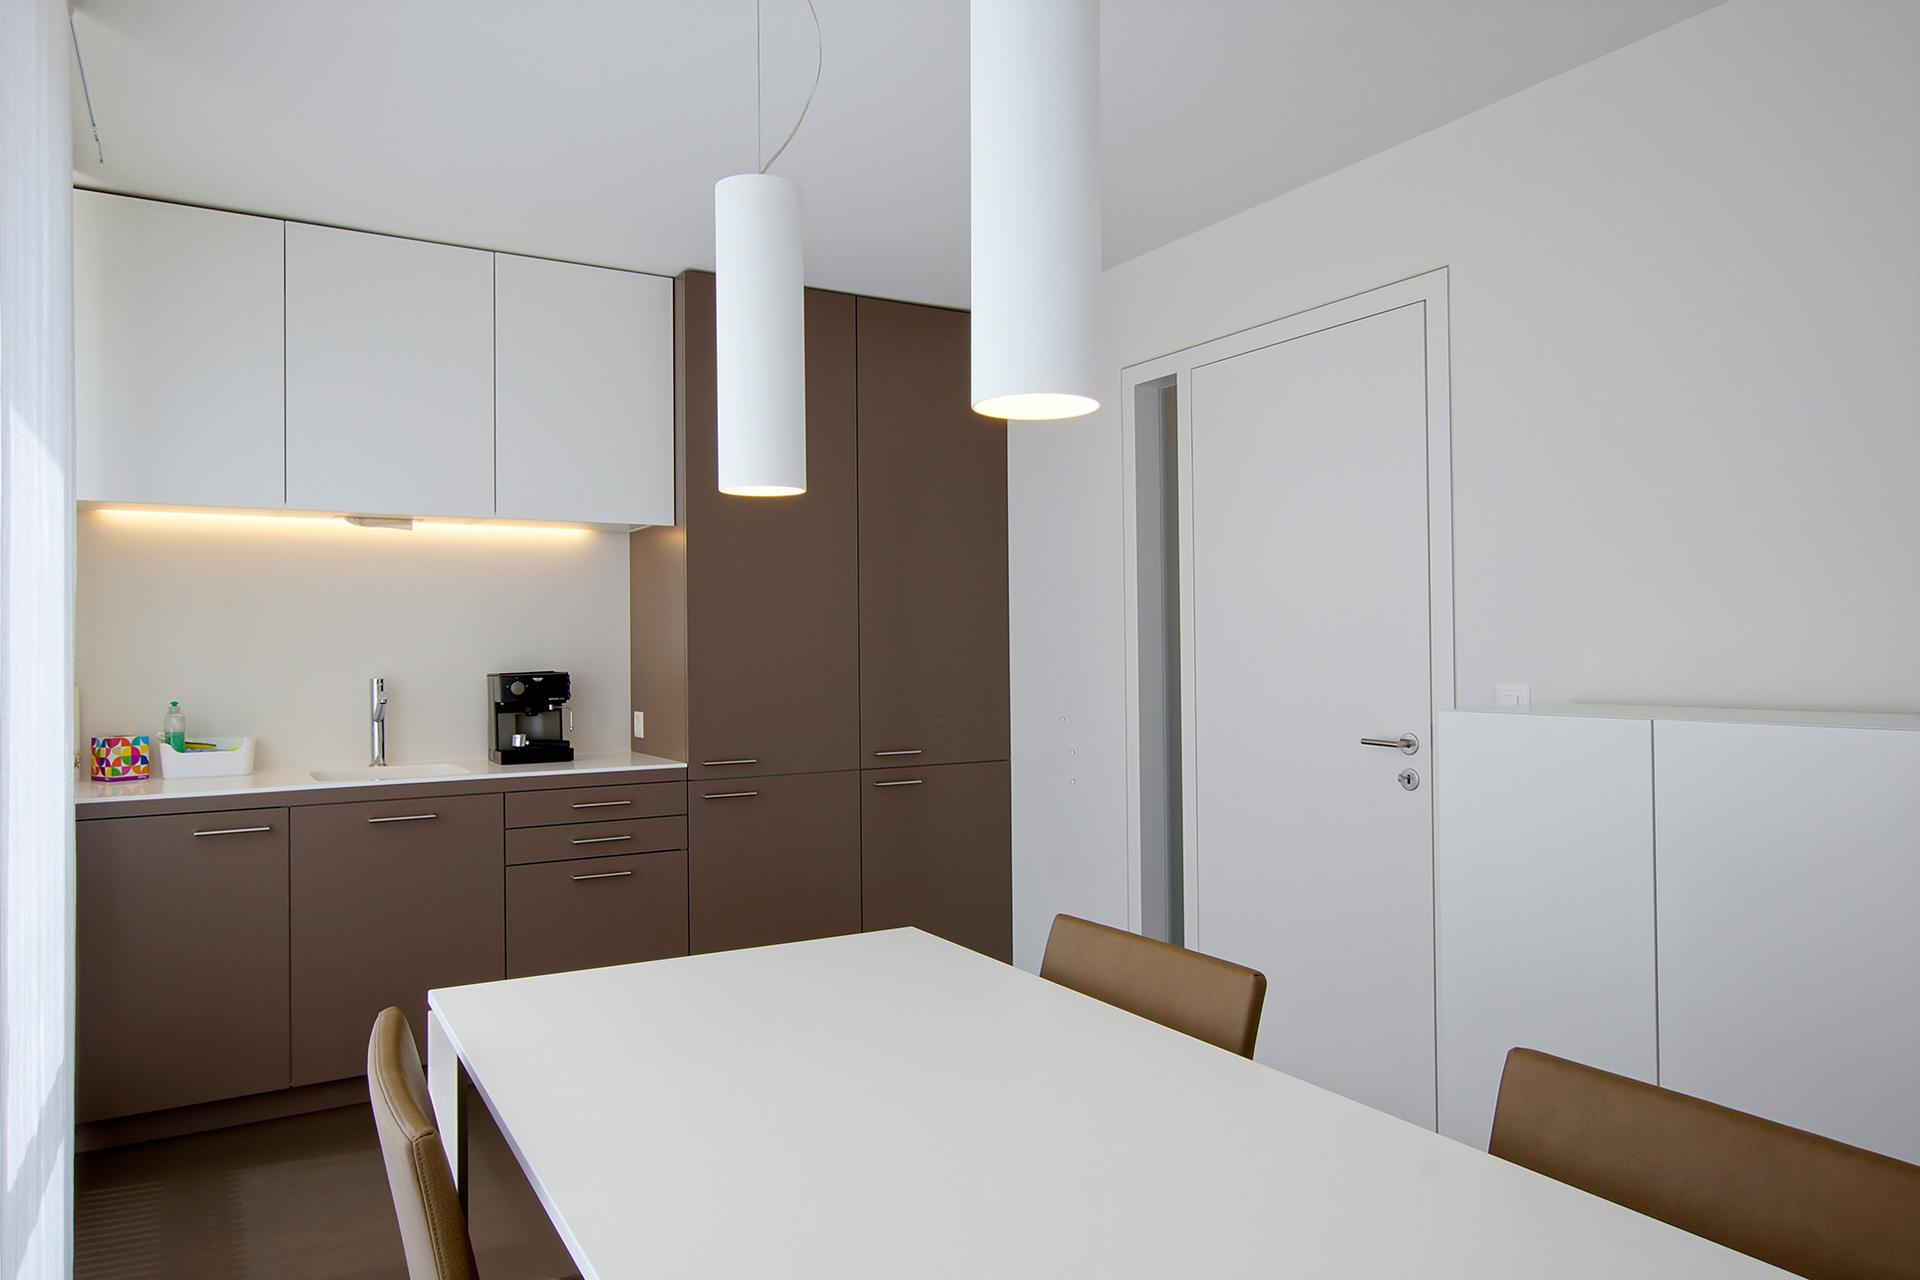 Pfister Klingenfuss Architekten, Hautartzpraxis, Rorschach, Küche